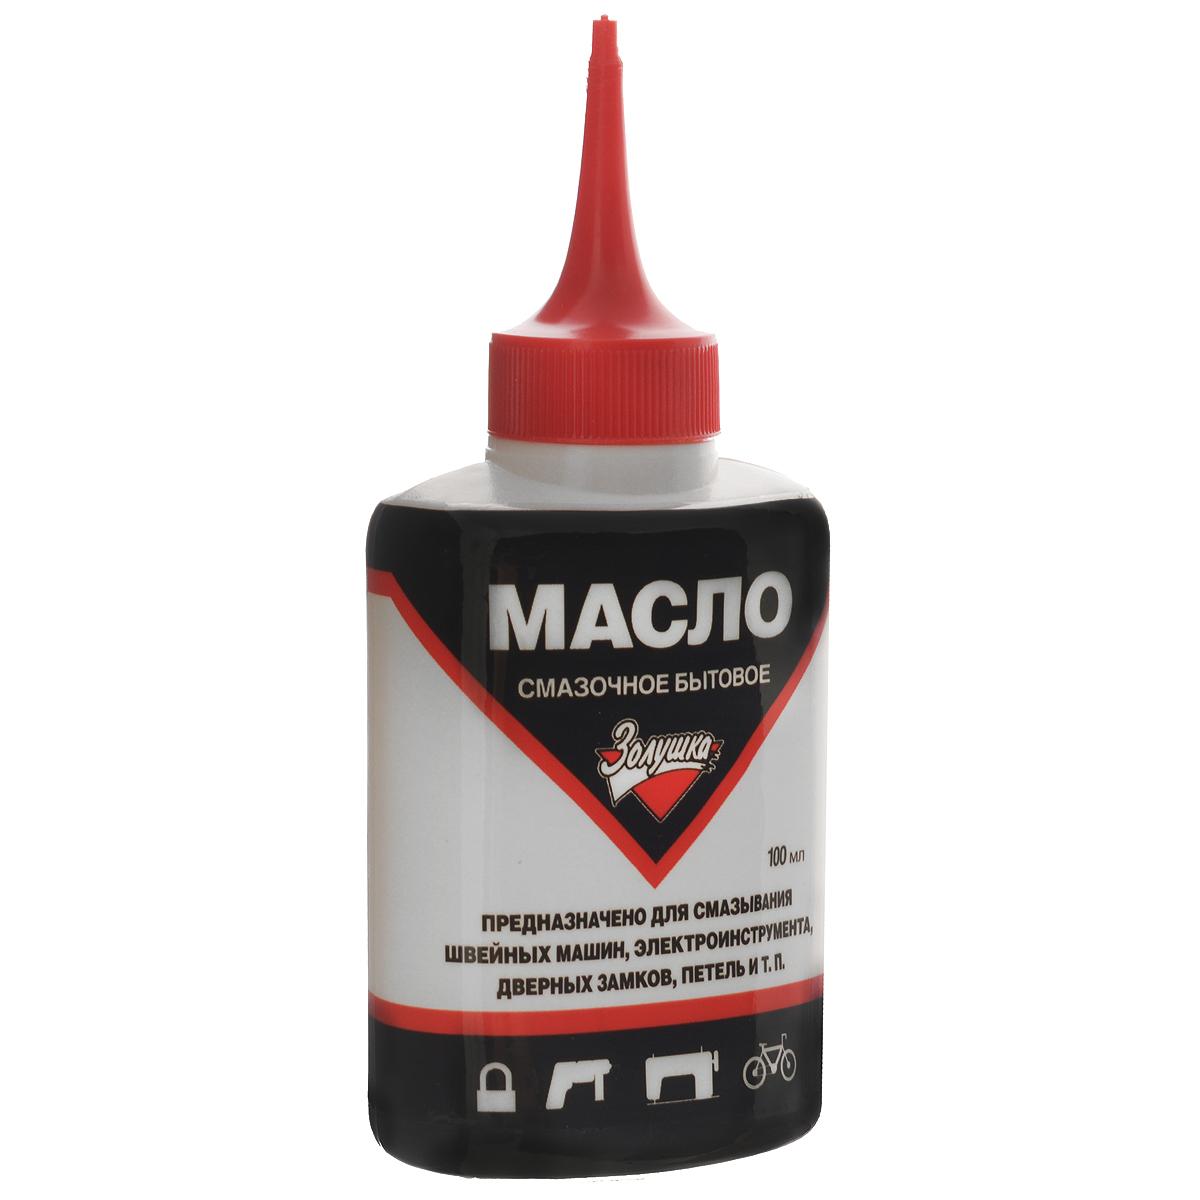 Масло смазочное Золушка, бытовое, 100 мл519256Бытовое смазочное масло Золушка высшего качества предназначено для смазывания швейных машин, электроинструмента, дверных замков, петель. Оно необходимо для нормальной работы инструментов, а также продления их срока службы. Масло бесцветное, не содержит смол и кислот, а также не имеет резкого запаха. Оно упаковано в пластиковую бутылочку с длинным носиком-дозатором для удобного нанесения и распределения. Объем: 100 мл.